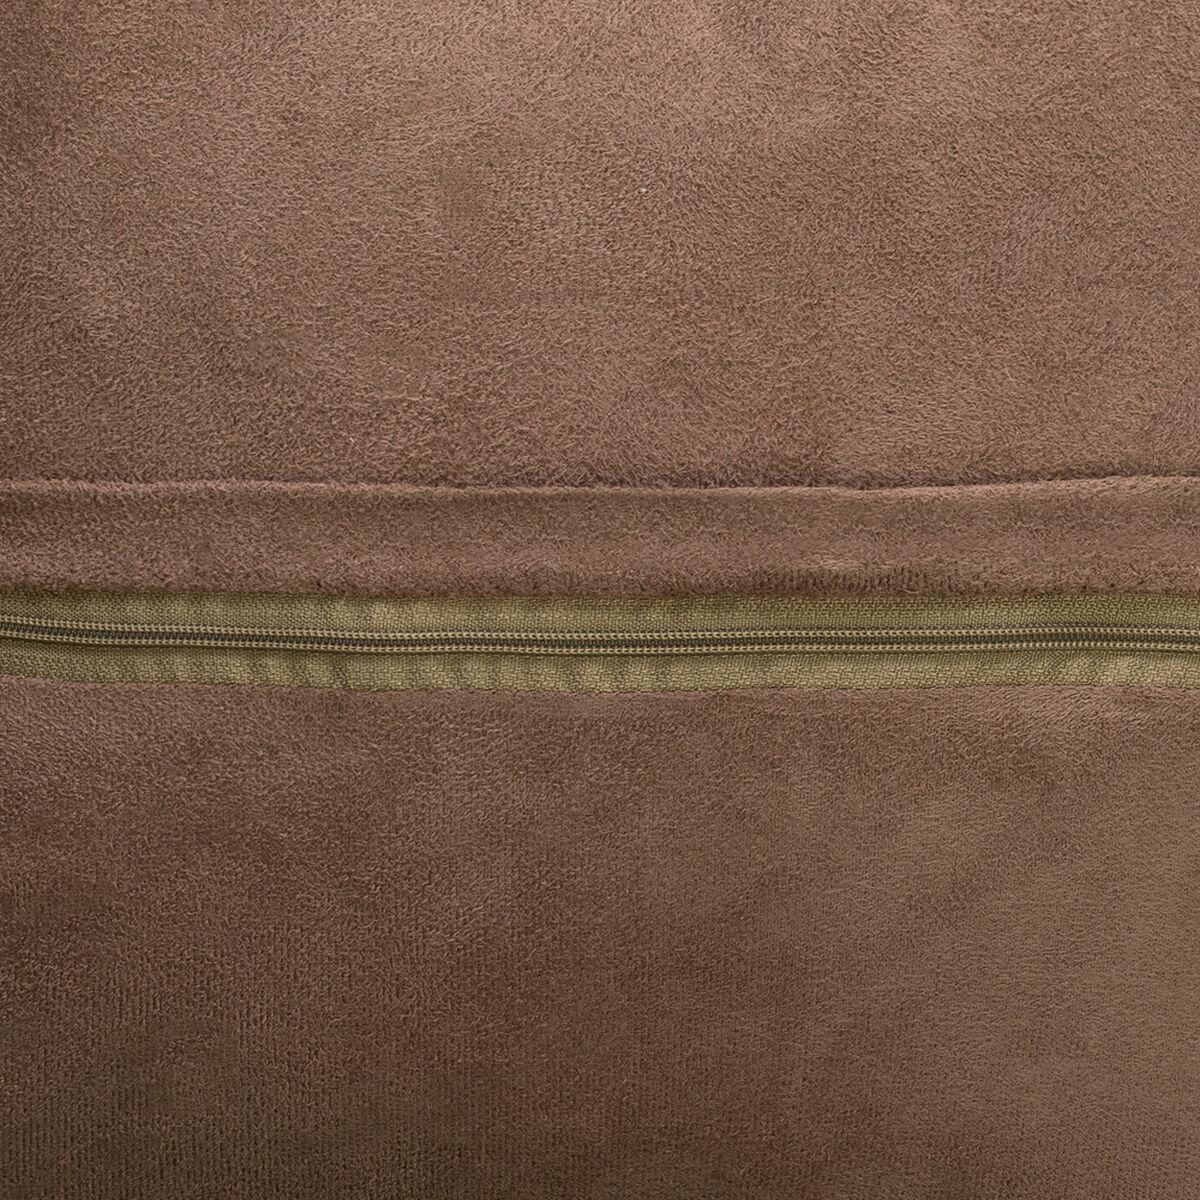 Cojín de Lentejuelas Zibel Gold 45X45 cm